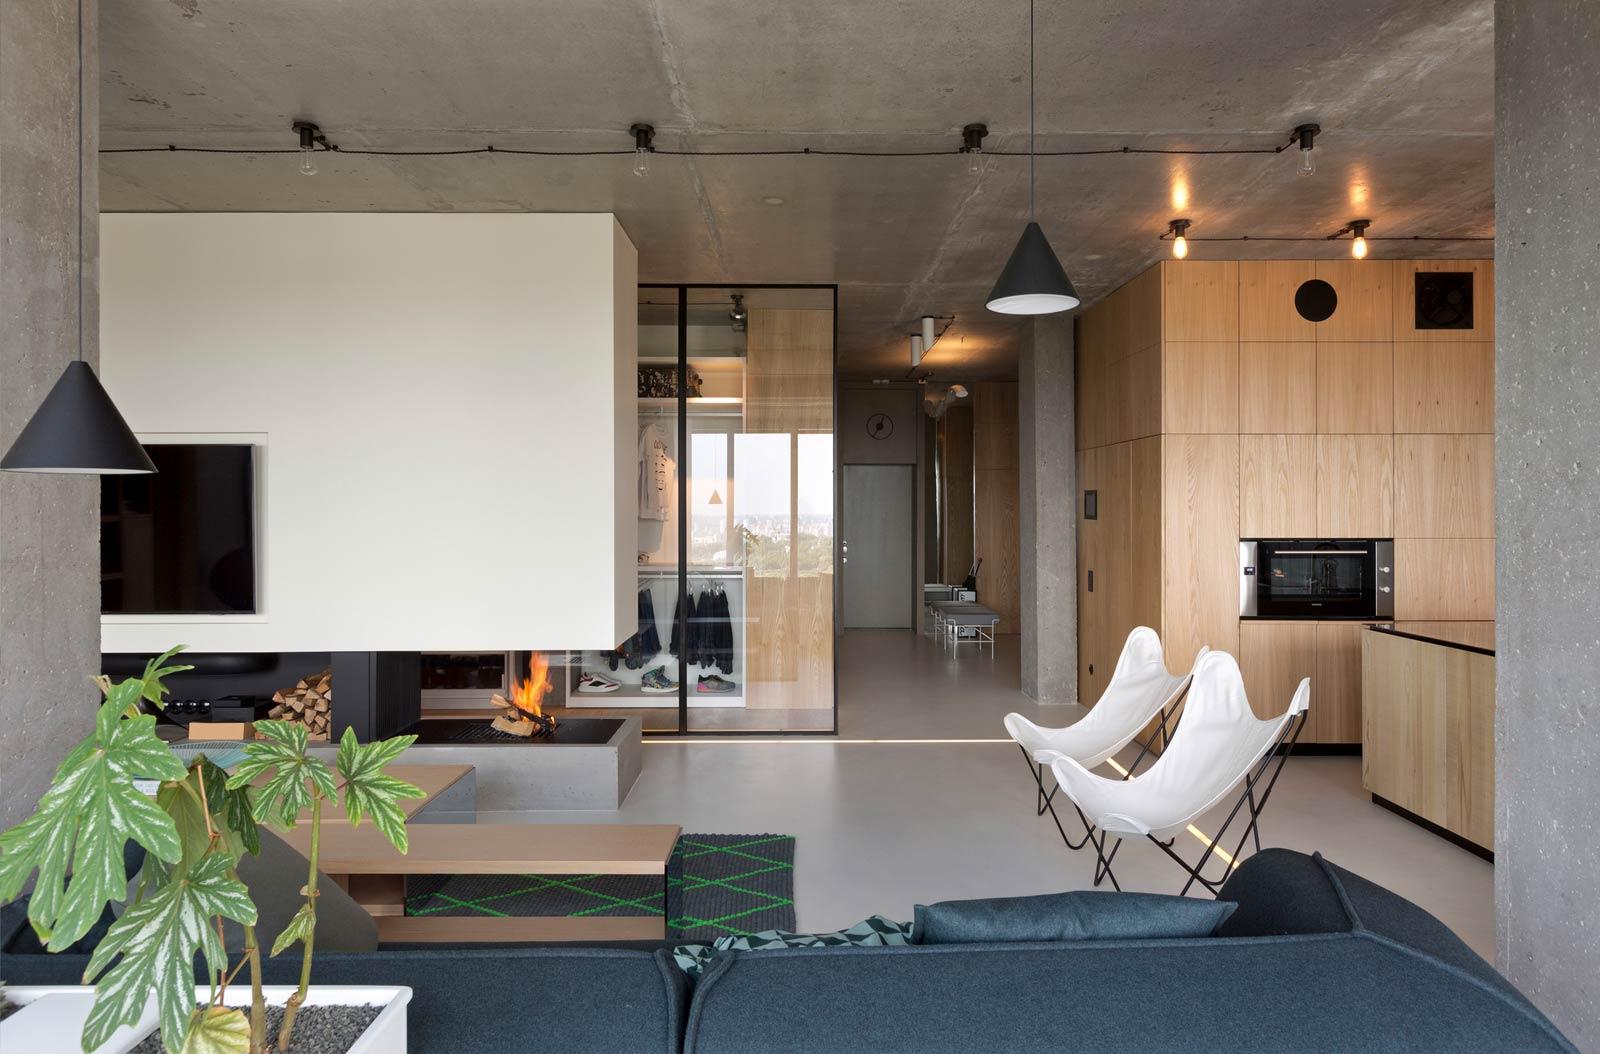 White Fireplace Wood Walls